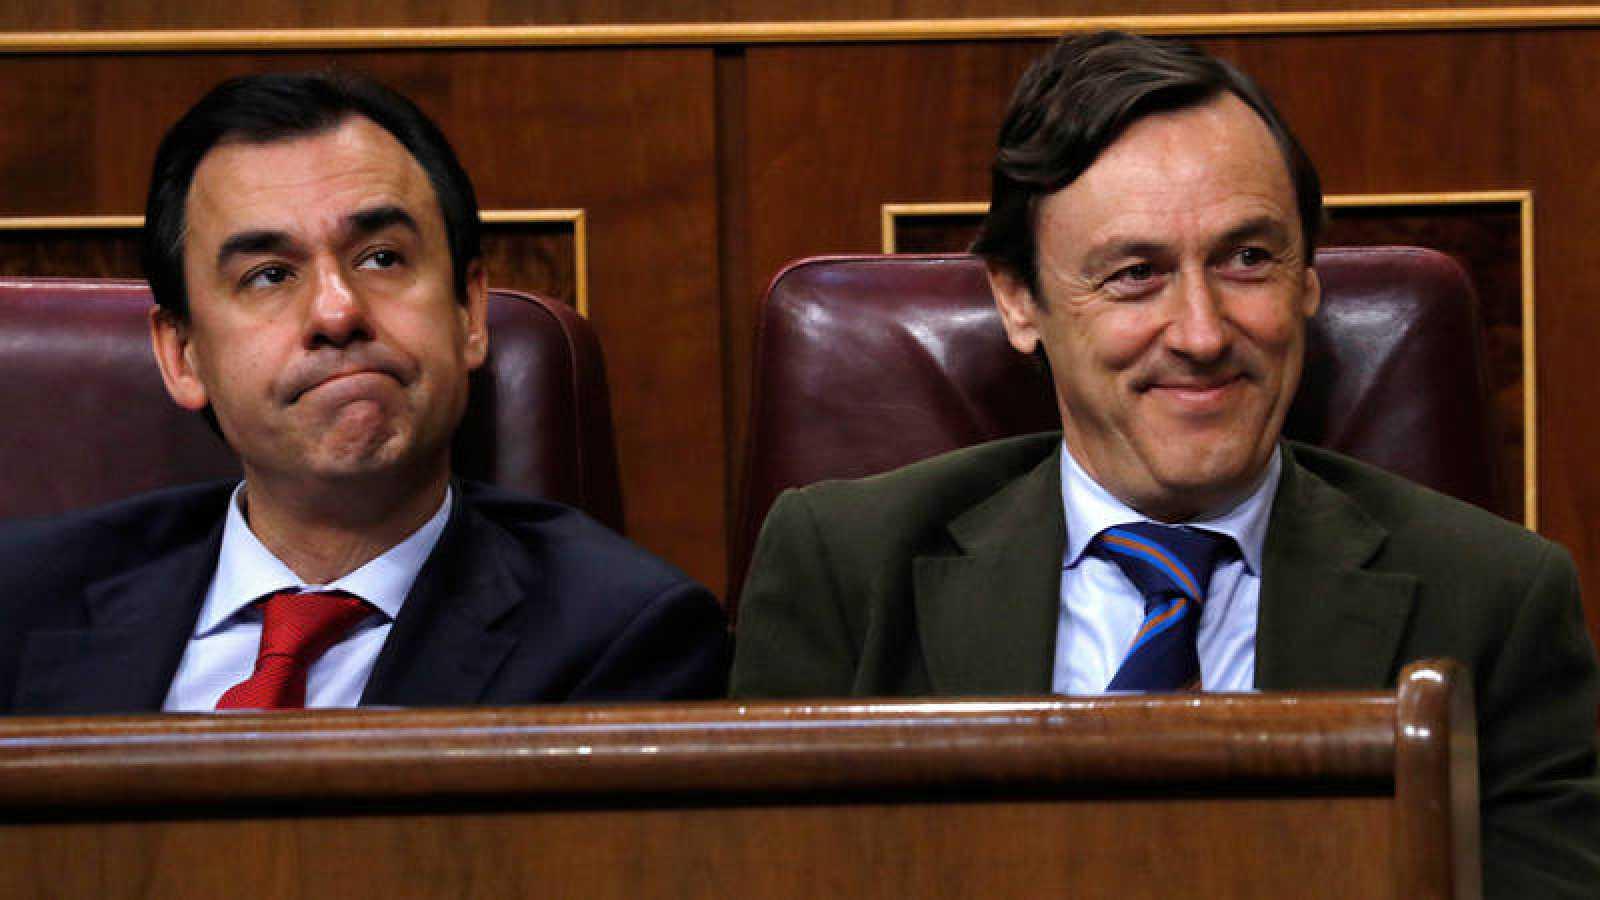 El portavoz parlamentario del PP, Rafael Hernando, y el coordinador general del partido, Fernando Martínez-Maíllo, en el pleno del Congreso.